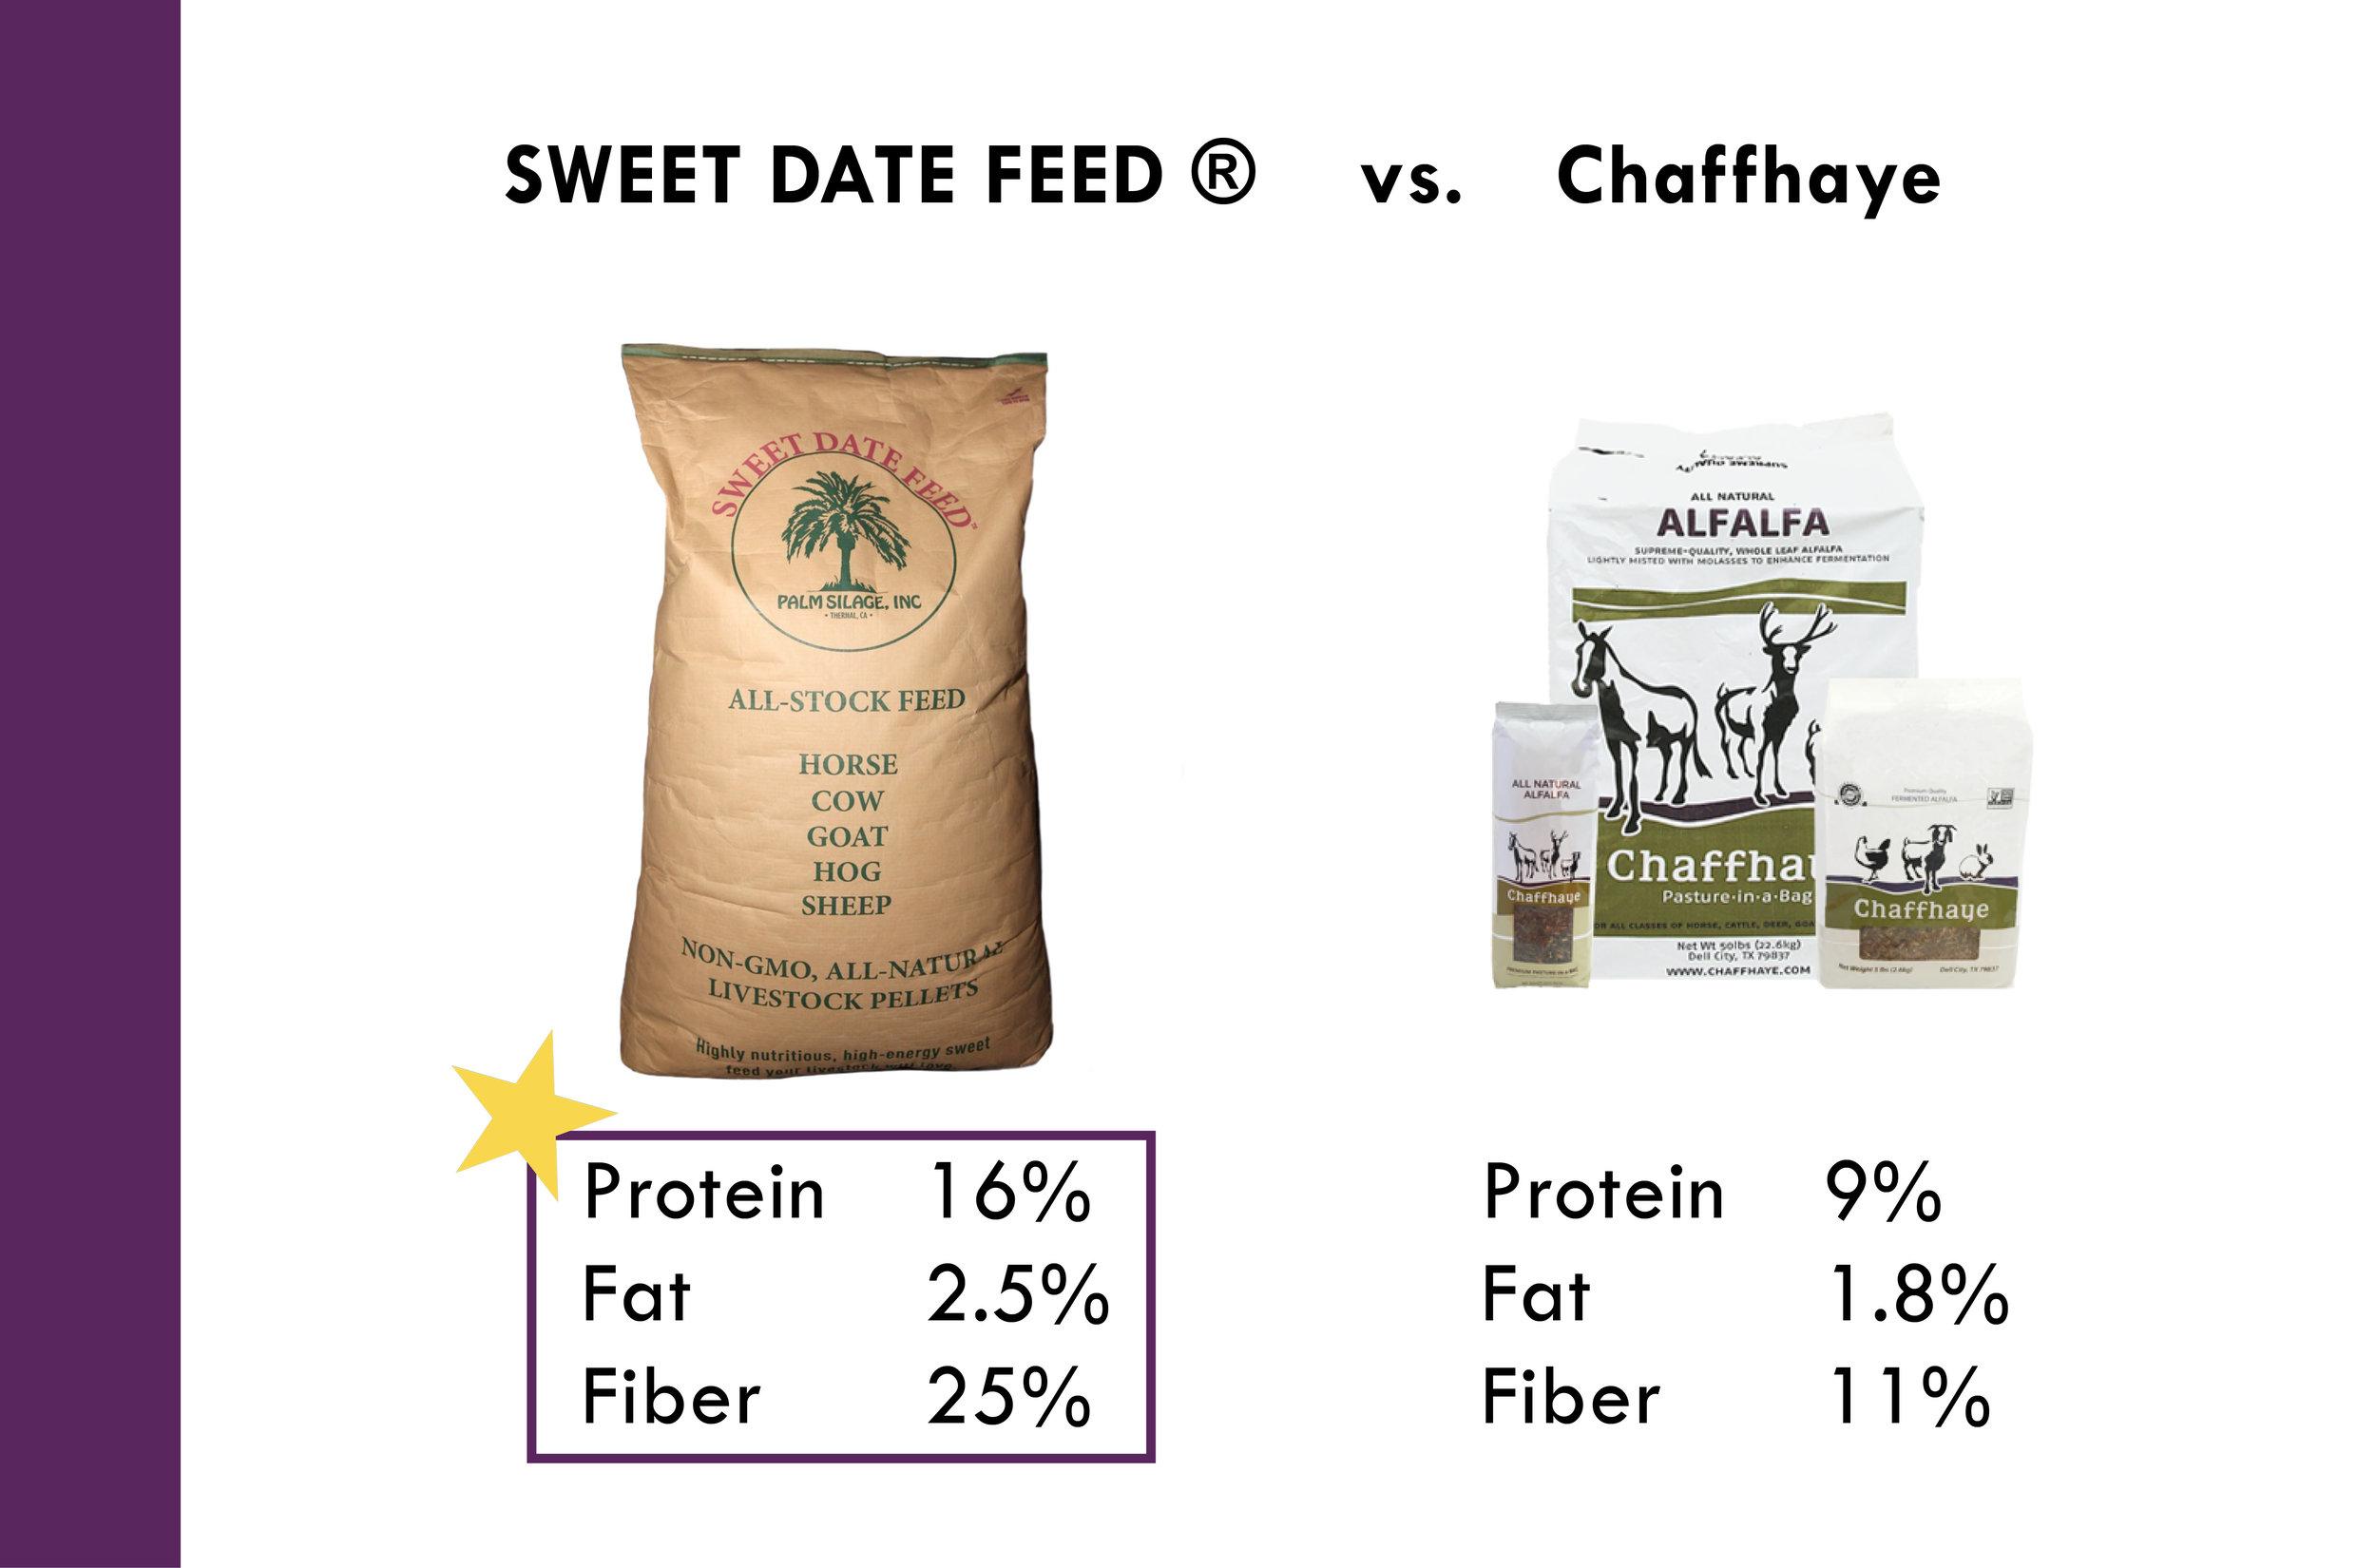 Why Sweet Date Feed_Palm Silage, Inc. 10-11-173.jpg